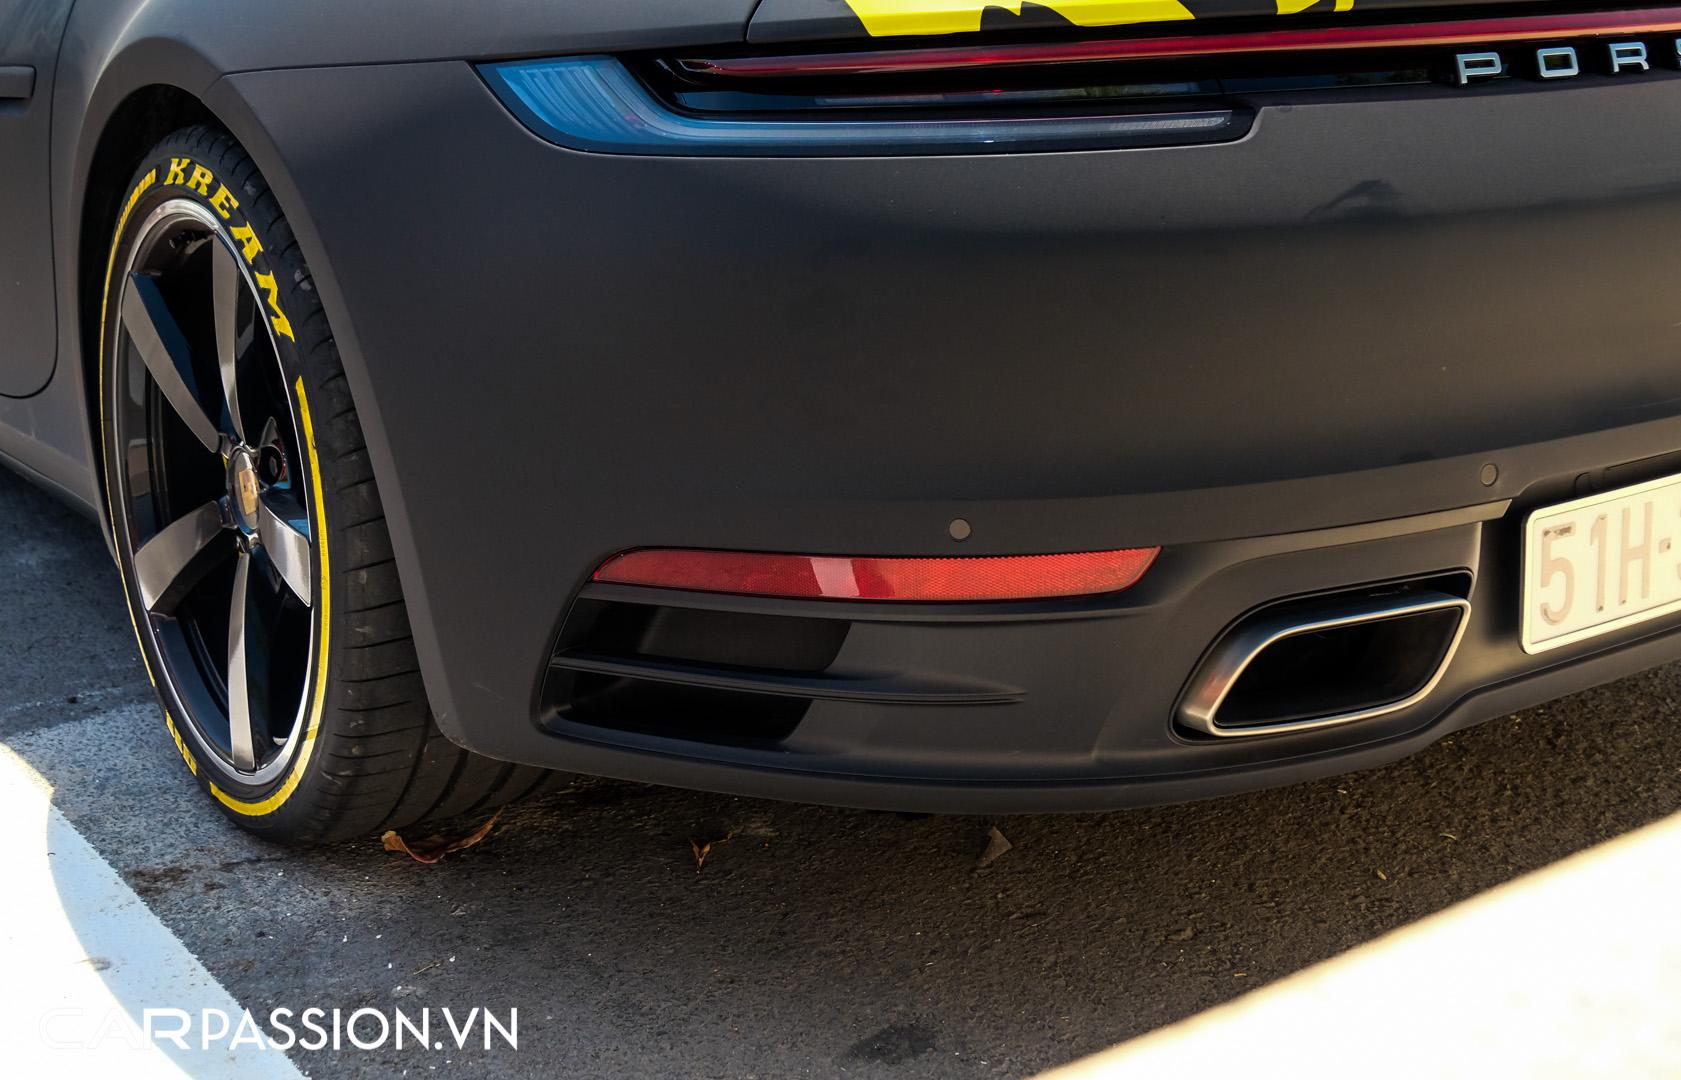 Porsche 911 của vợ chồng YouTuber (17).JPG